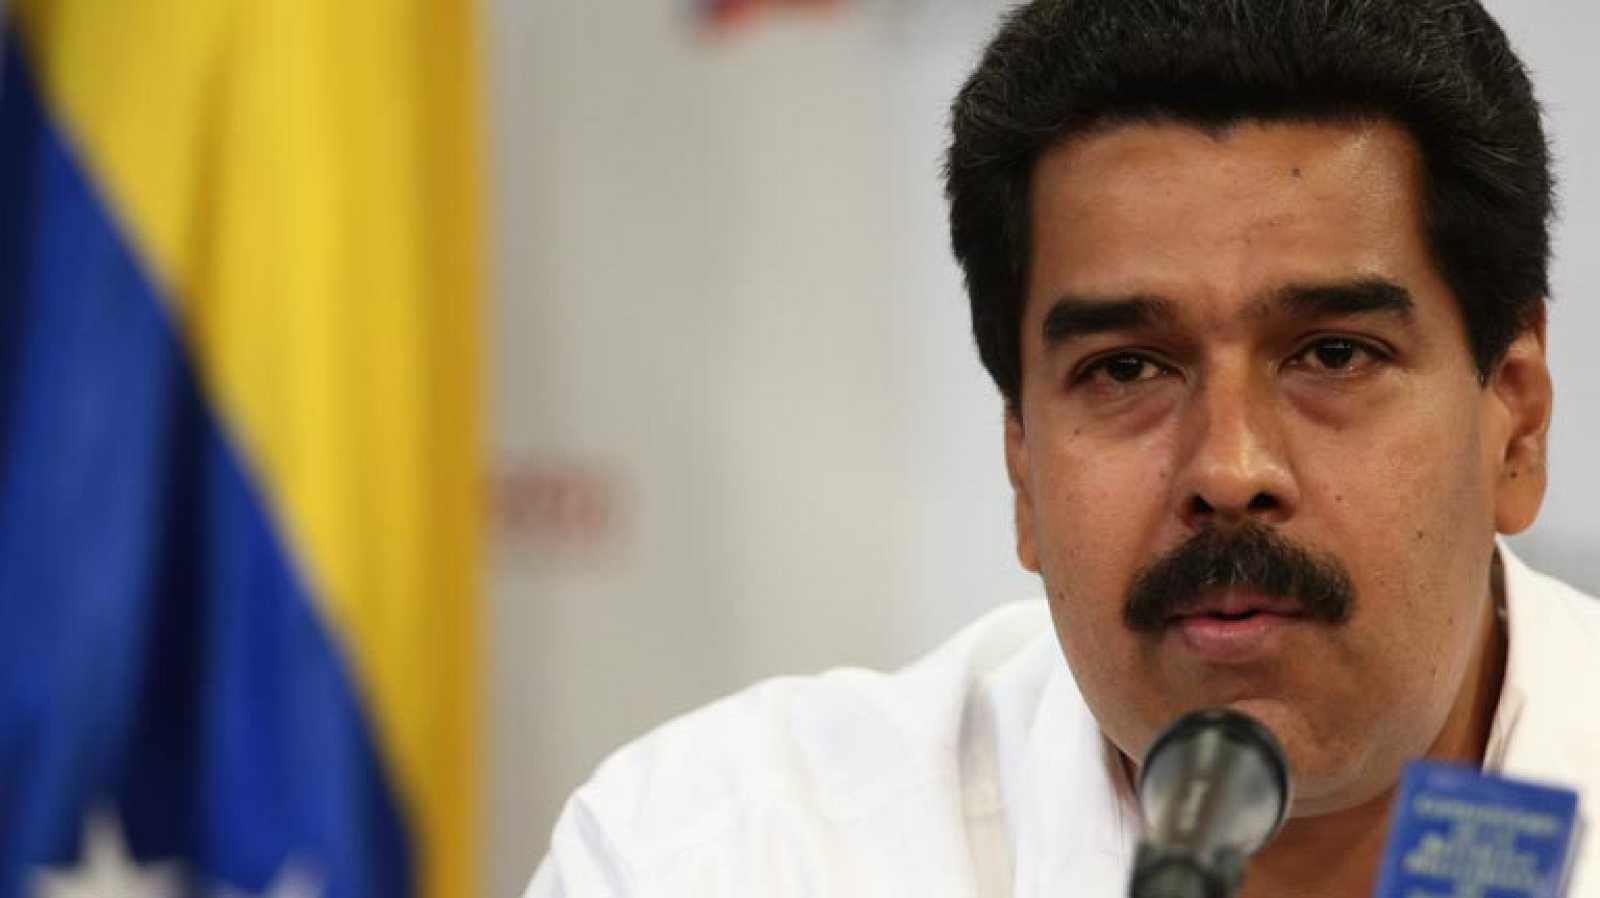 El vicepresidente venezolano, Nicolás Maduro, informa del delicado momento de Chávez